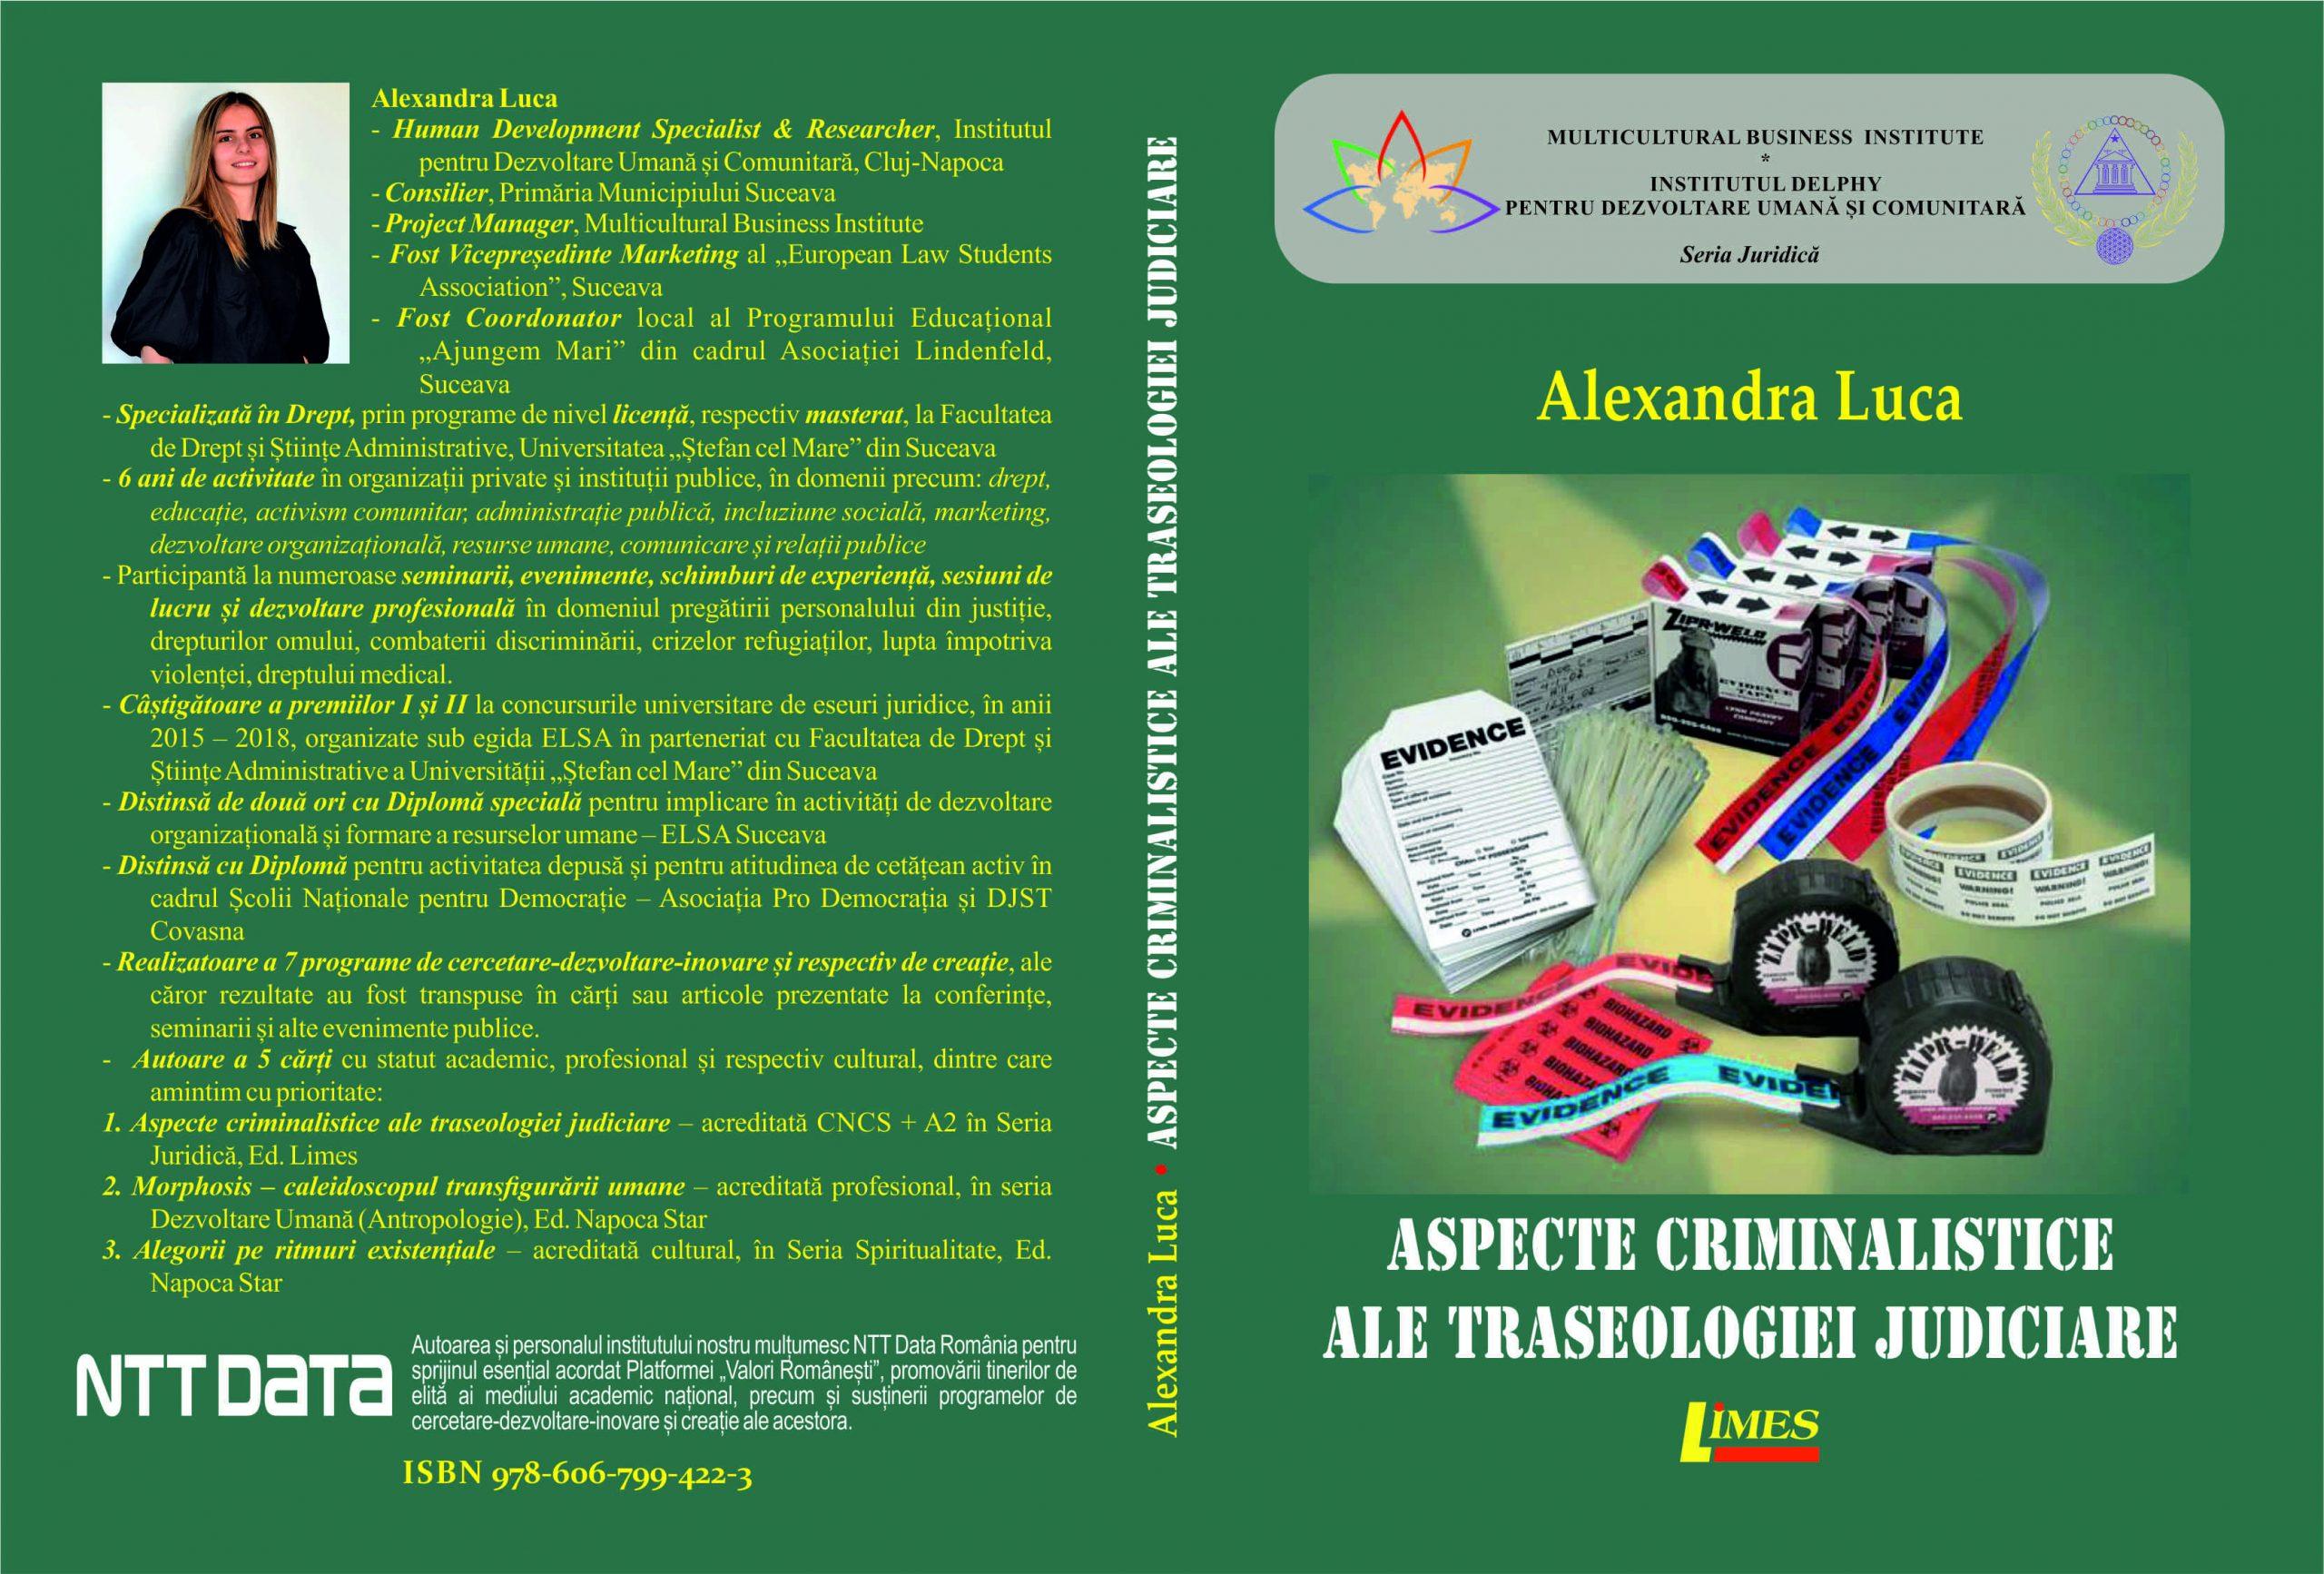 Aspecte criminalistice ale traseologiei judiciare - Alexandra Luca-logo NTT DATA